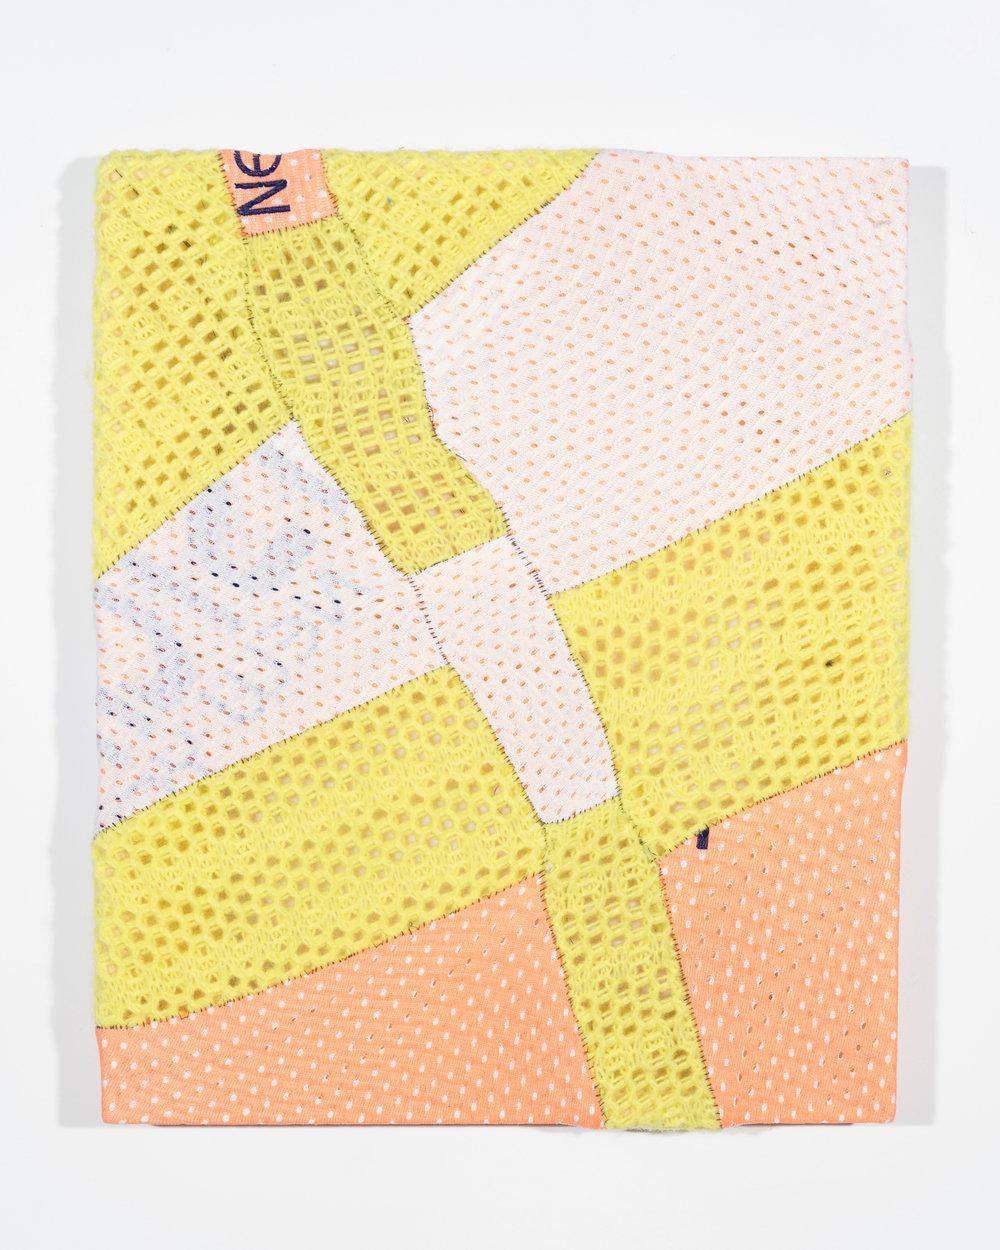 033-Bruno Smith.jpg